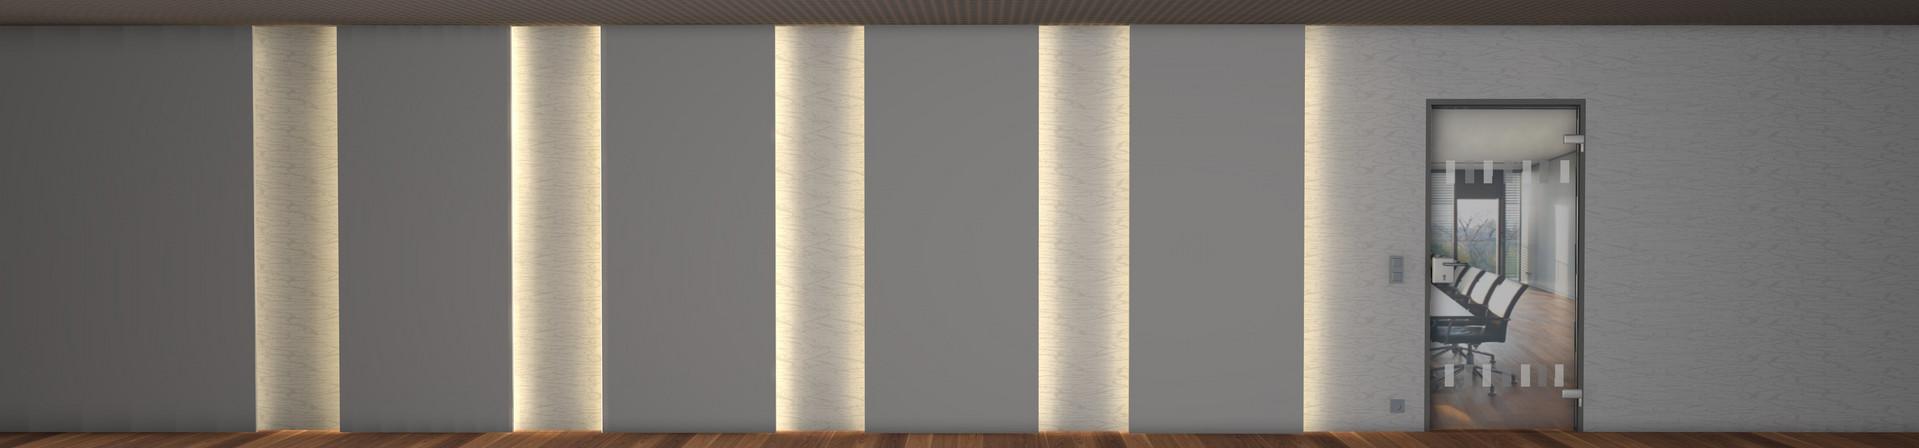 BOS doorset solutions for glass doors